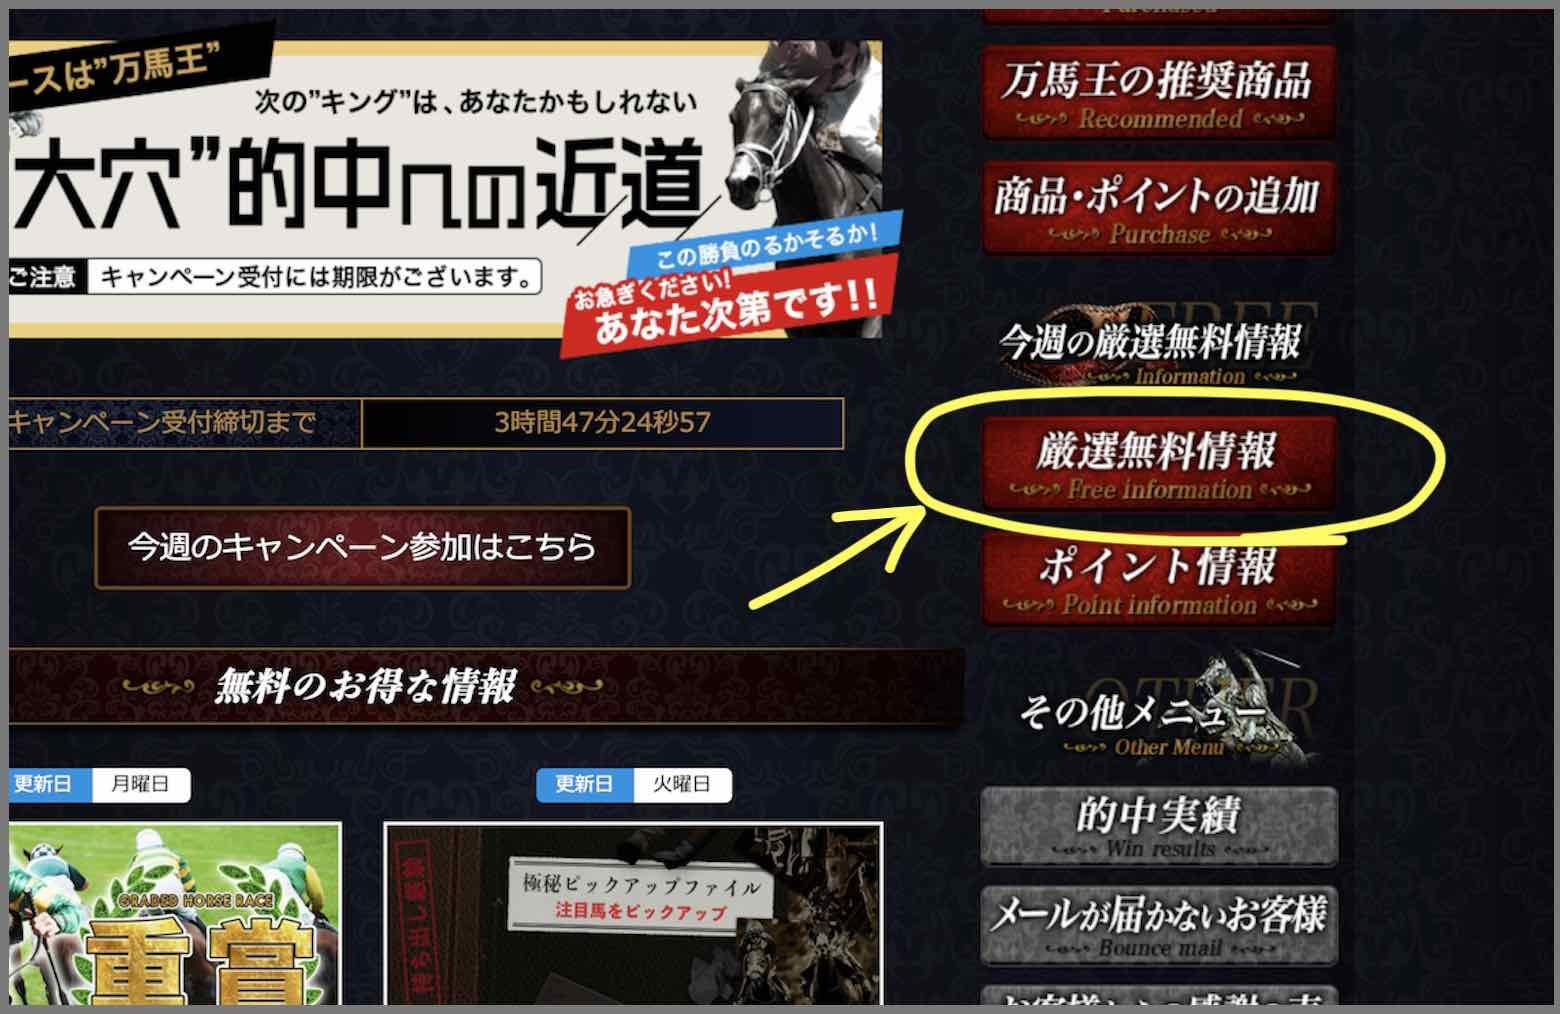 万馬王という競馬予想サイトの無料予想(無料情報)を確認する